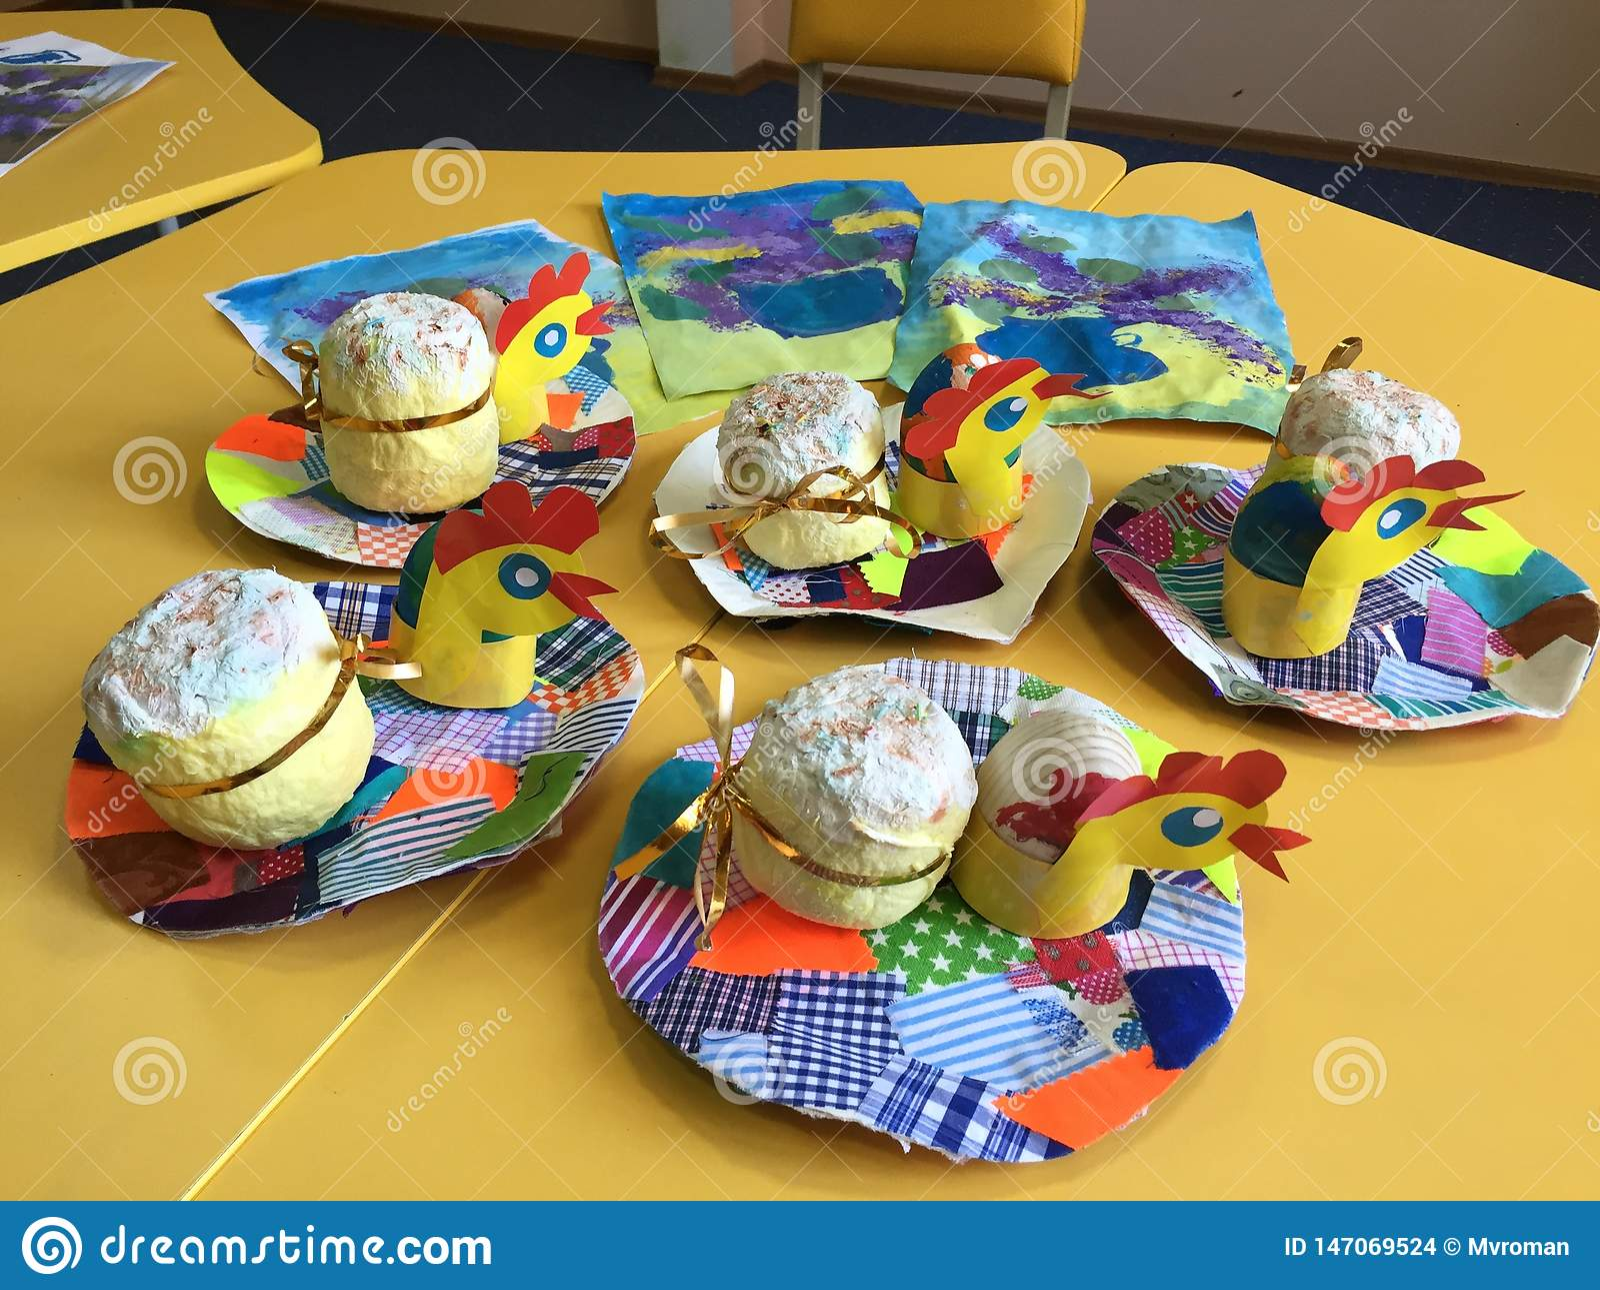 Regalos hechos a mano de Pascua, la creatividad de los niños